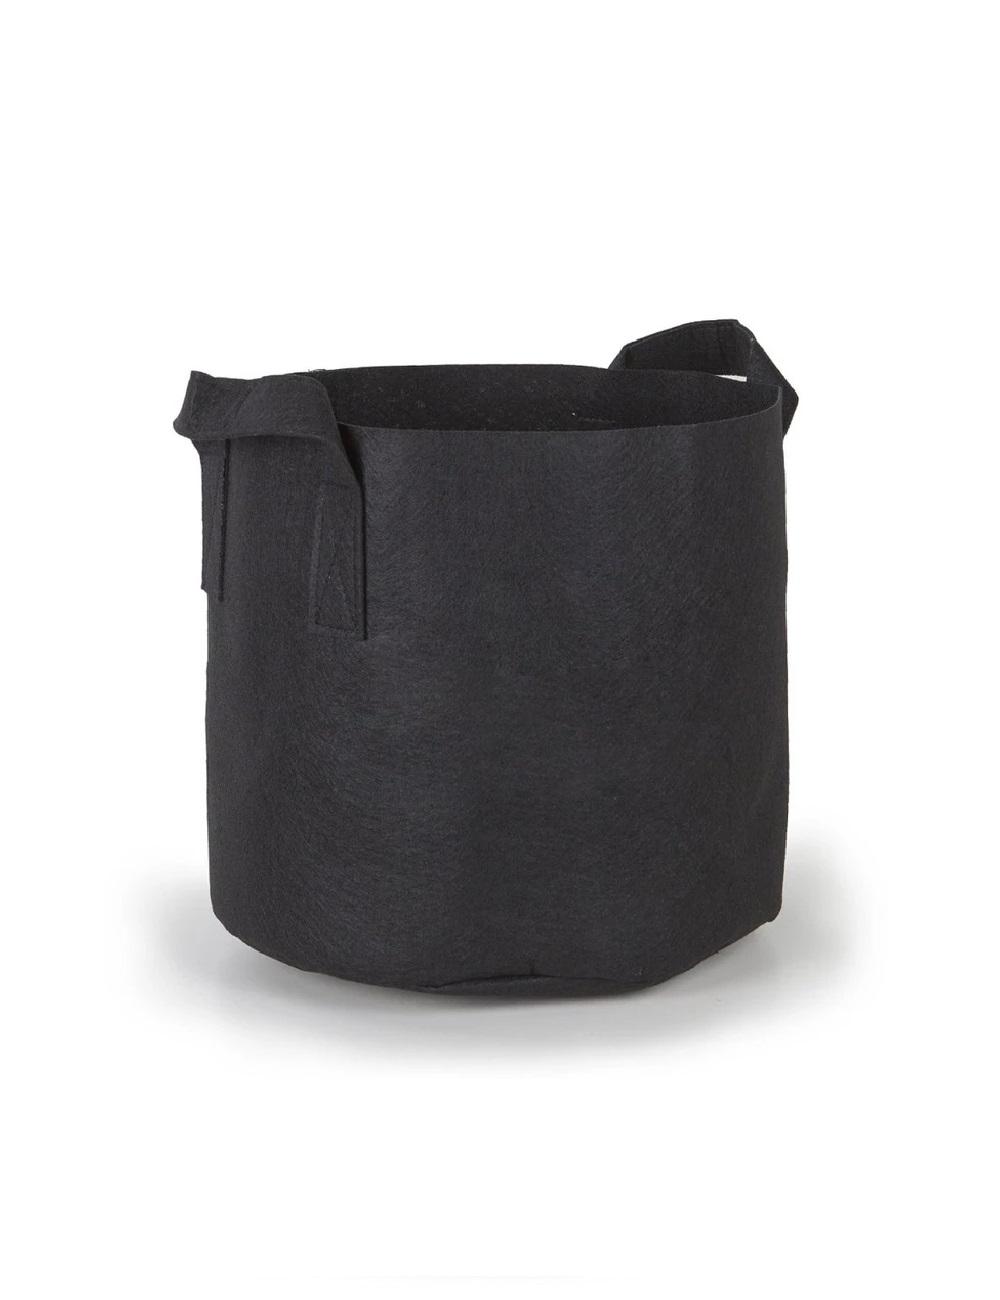 Fabric Pot 10Gallon Pots & Vases